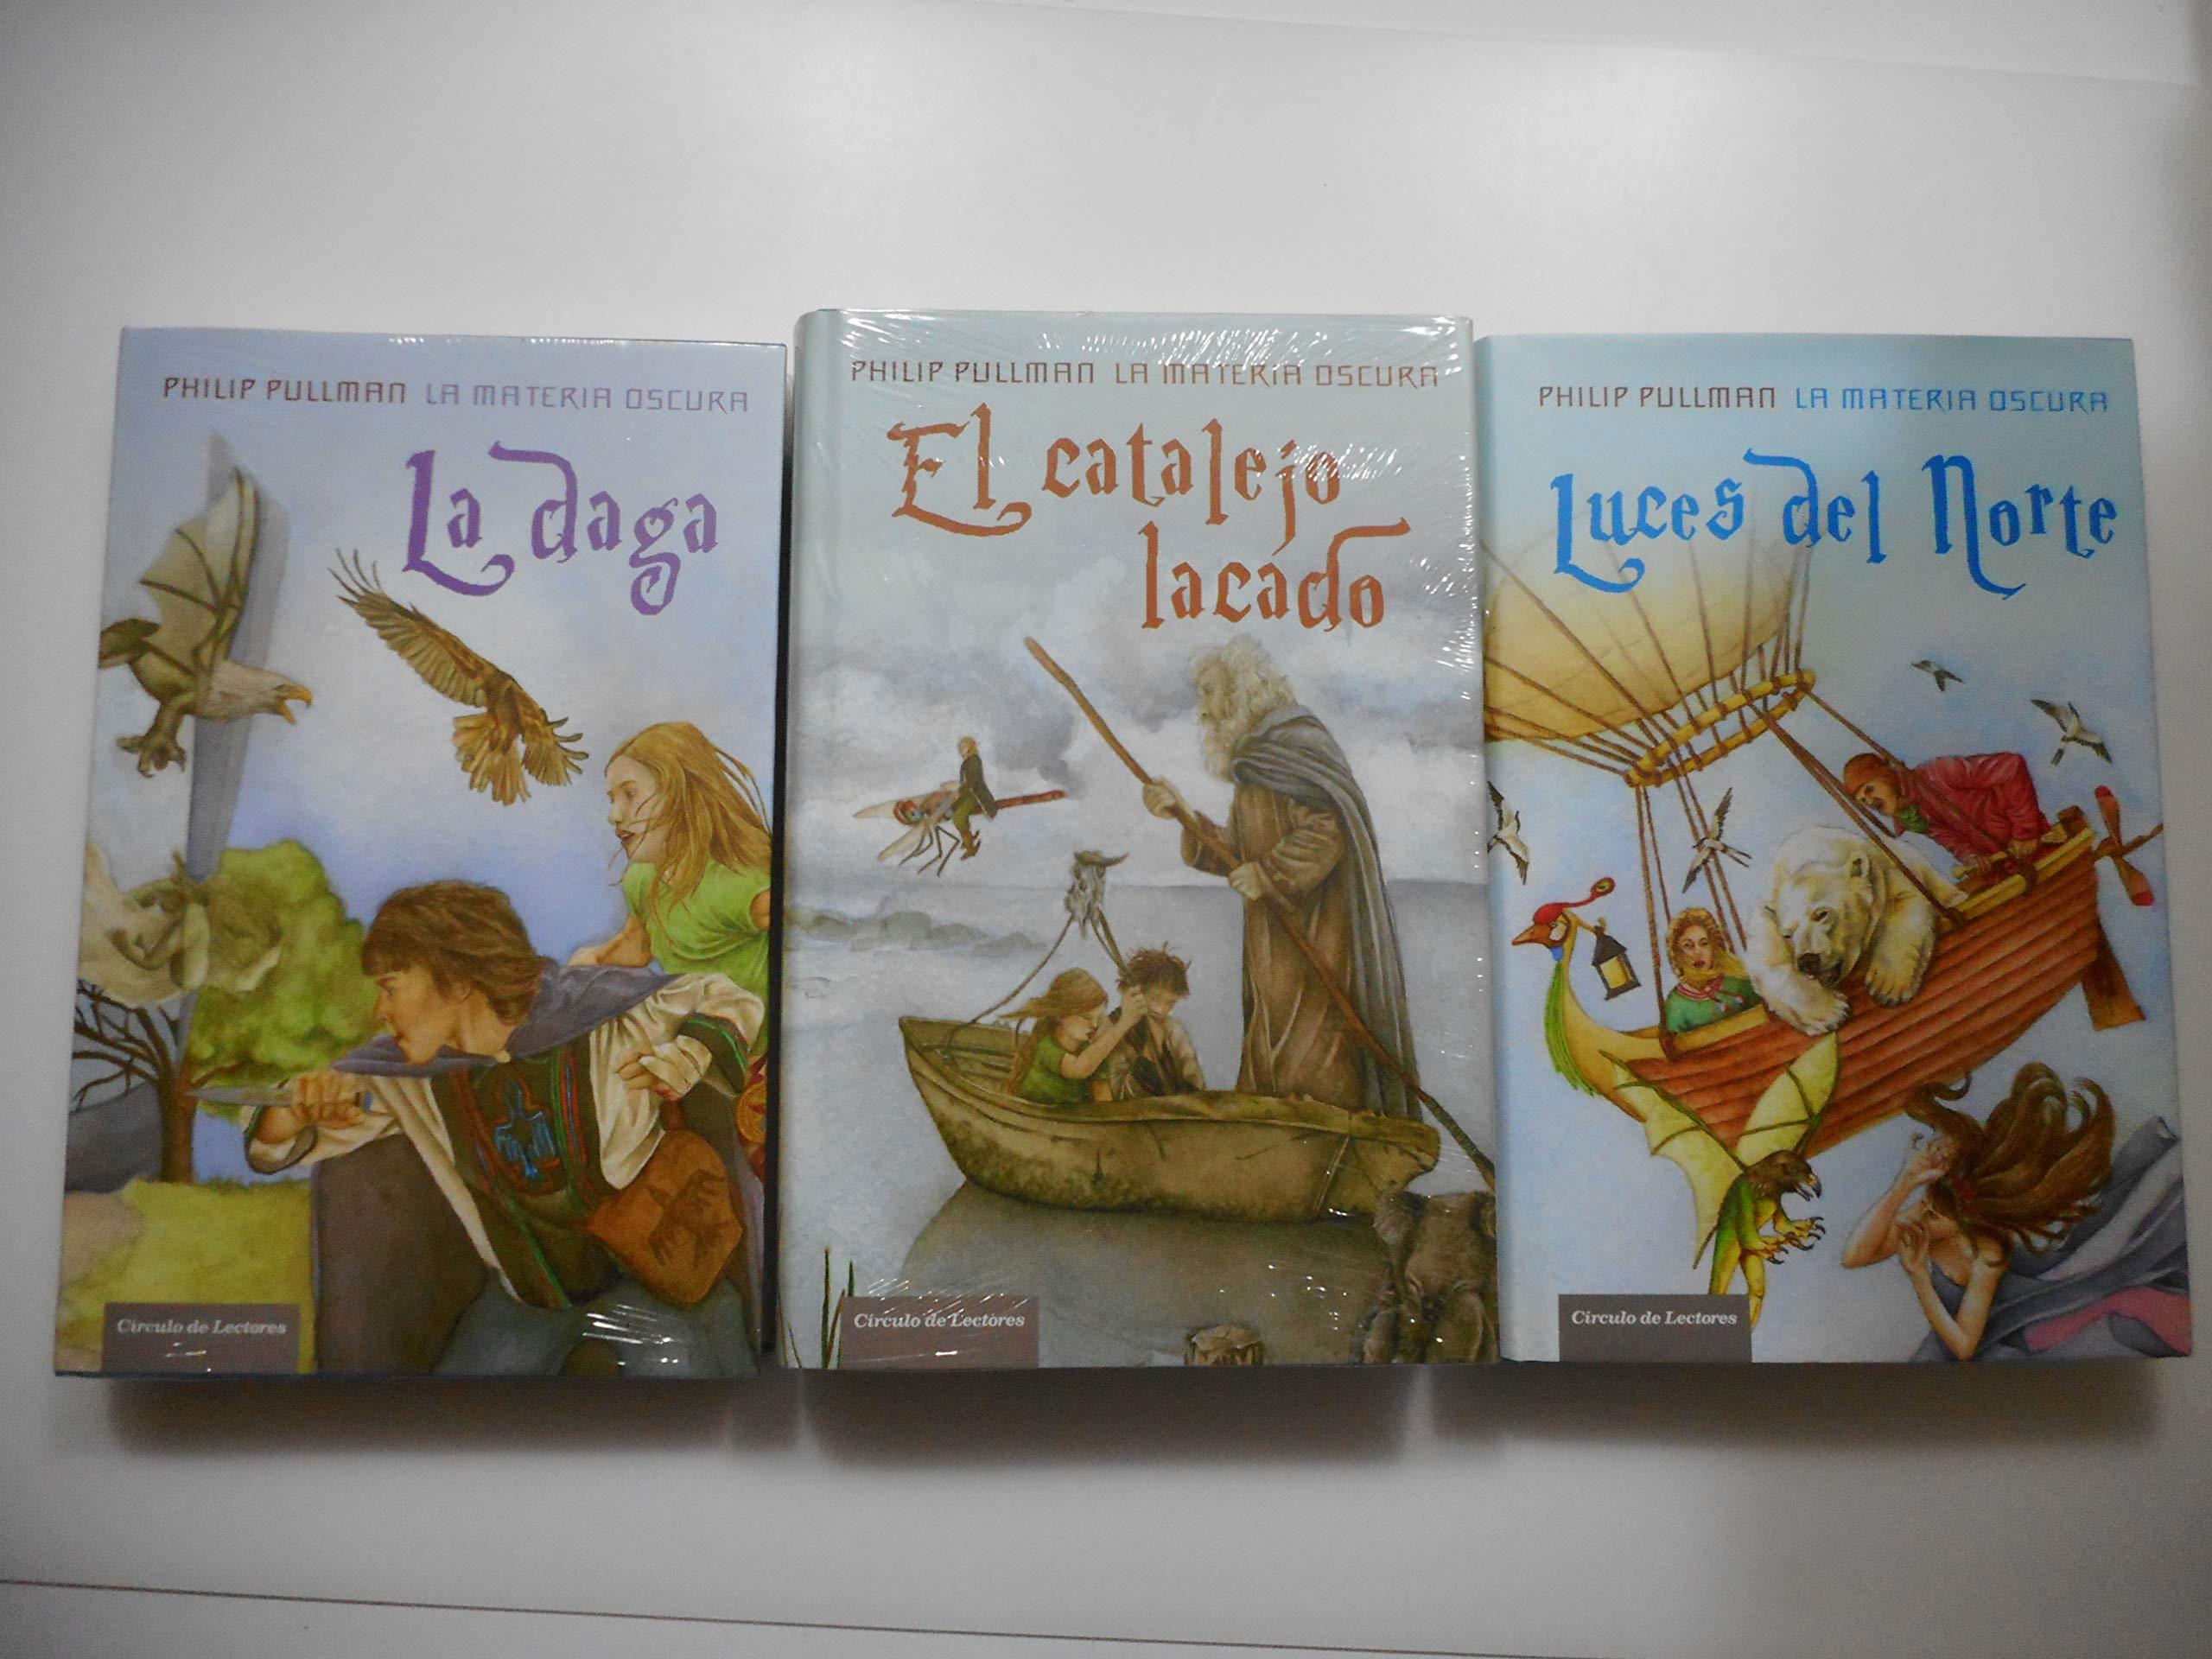 El catalejo lacado: tercera parte de la trilogía, tras Luces del Norte y La  daga: Amazon.es: Philip.- PULLMAN: Libros